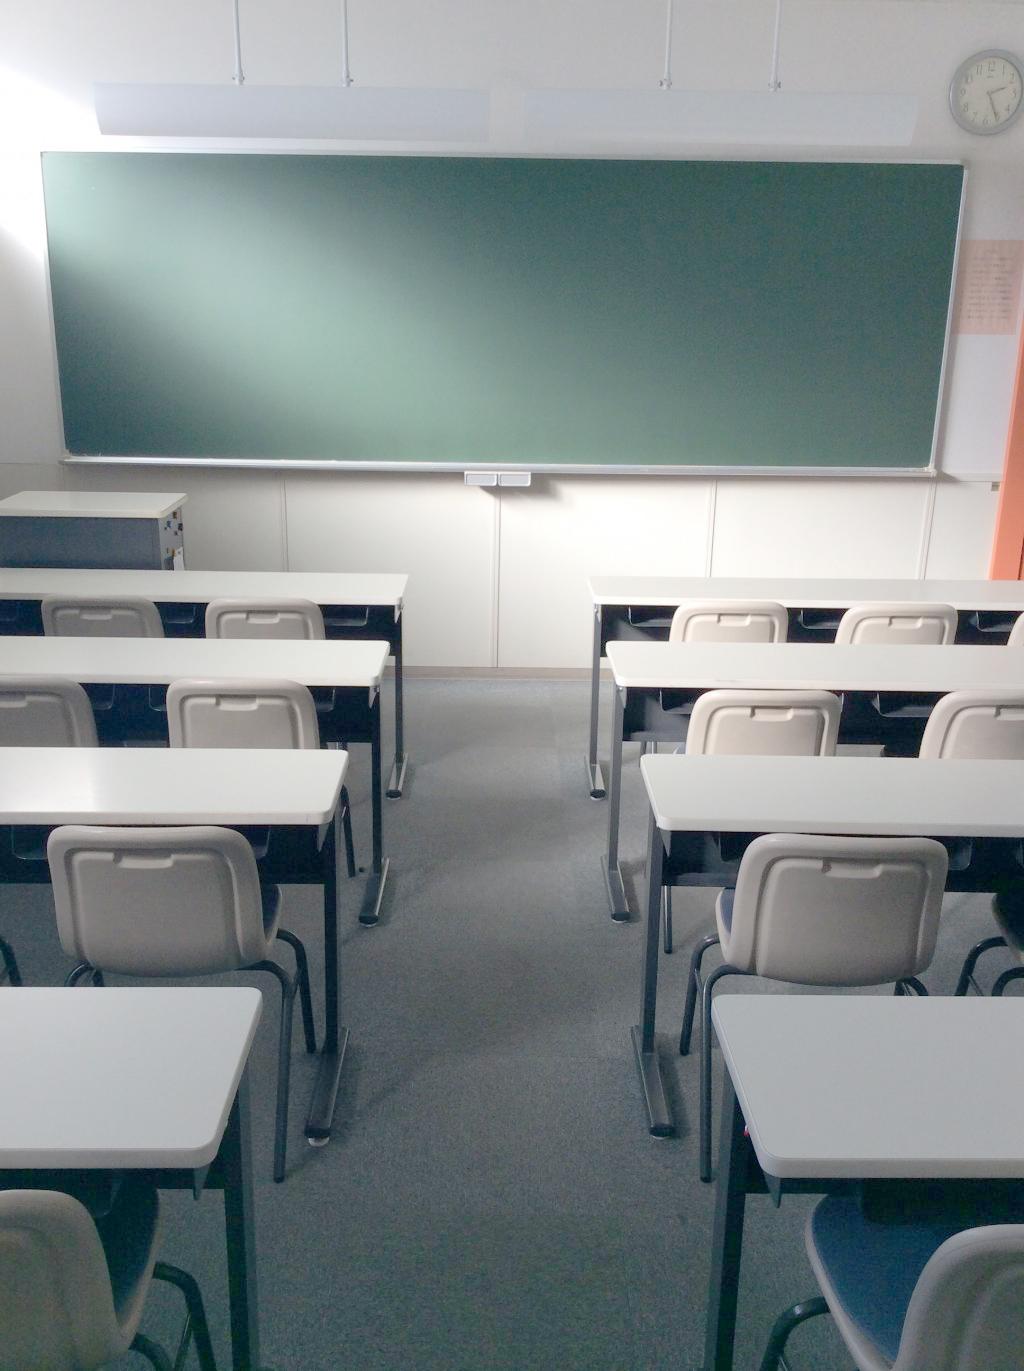 スクール自慢の集団教室。普段は集団授業の場として、 時には自習の場として、生徒が切磋琢磨する空間です。